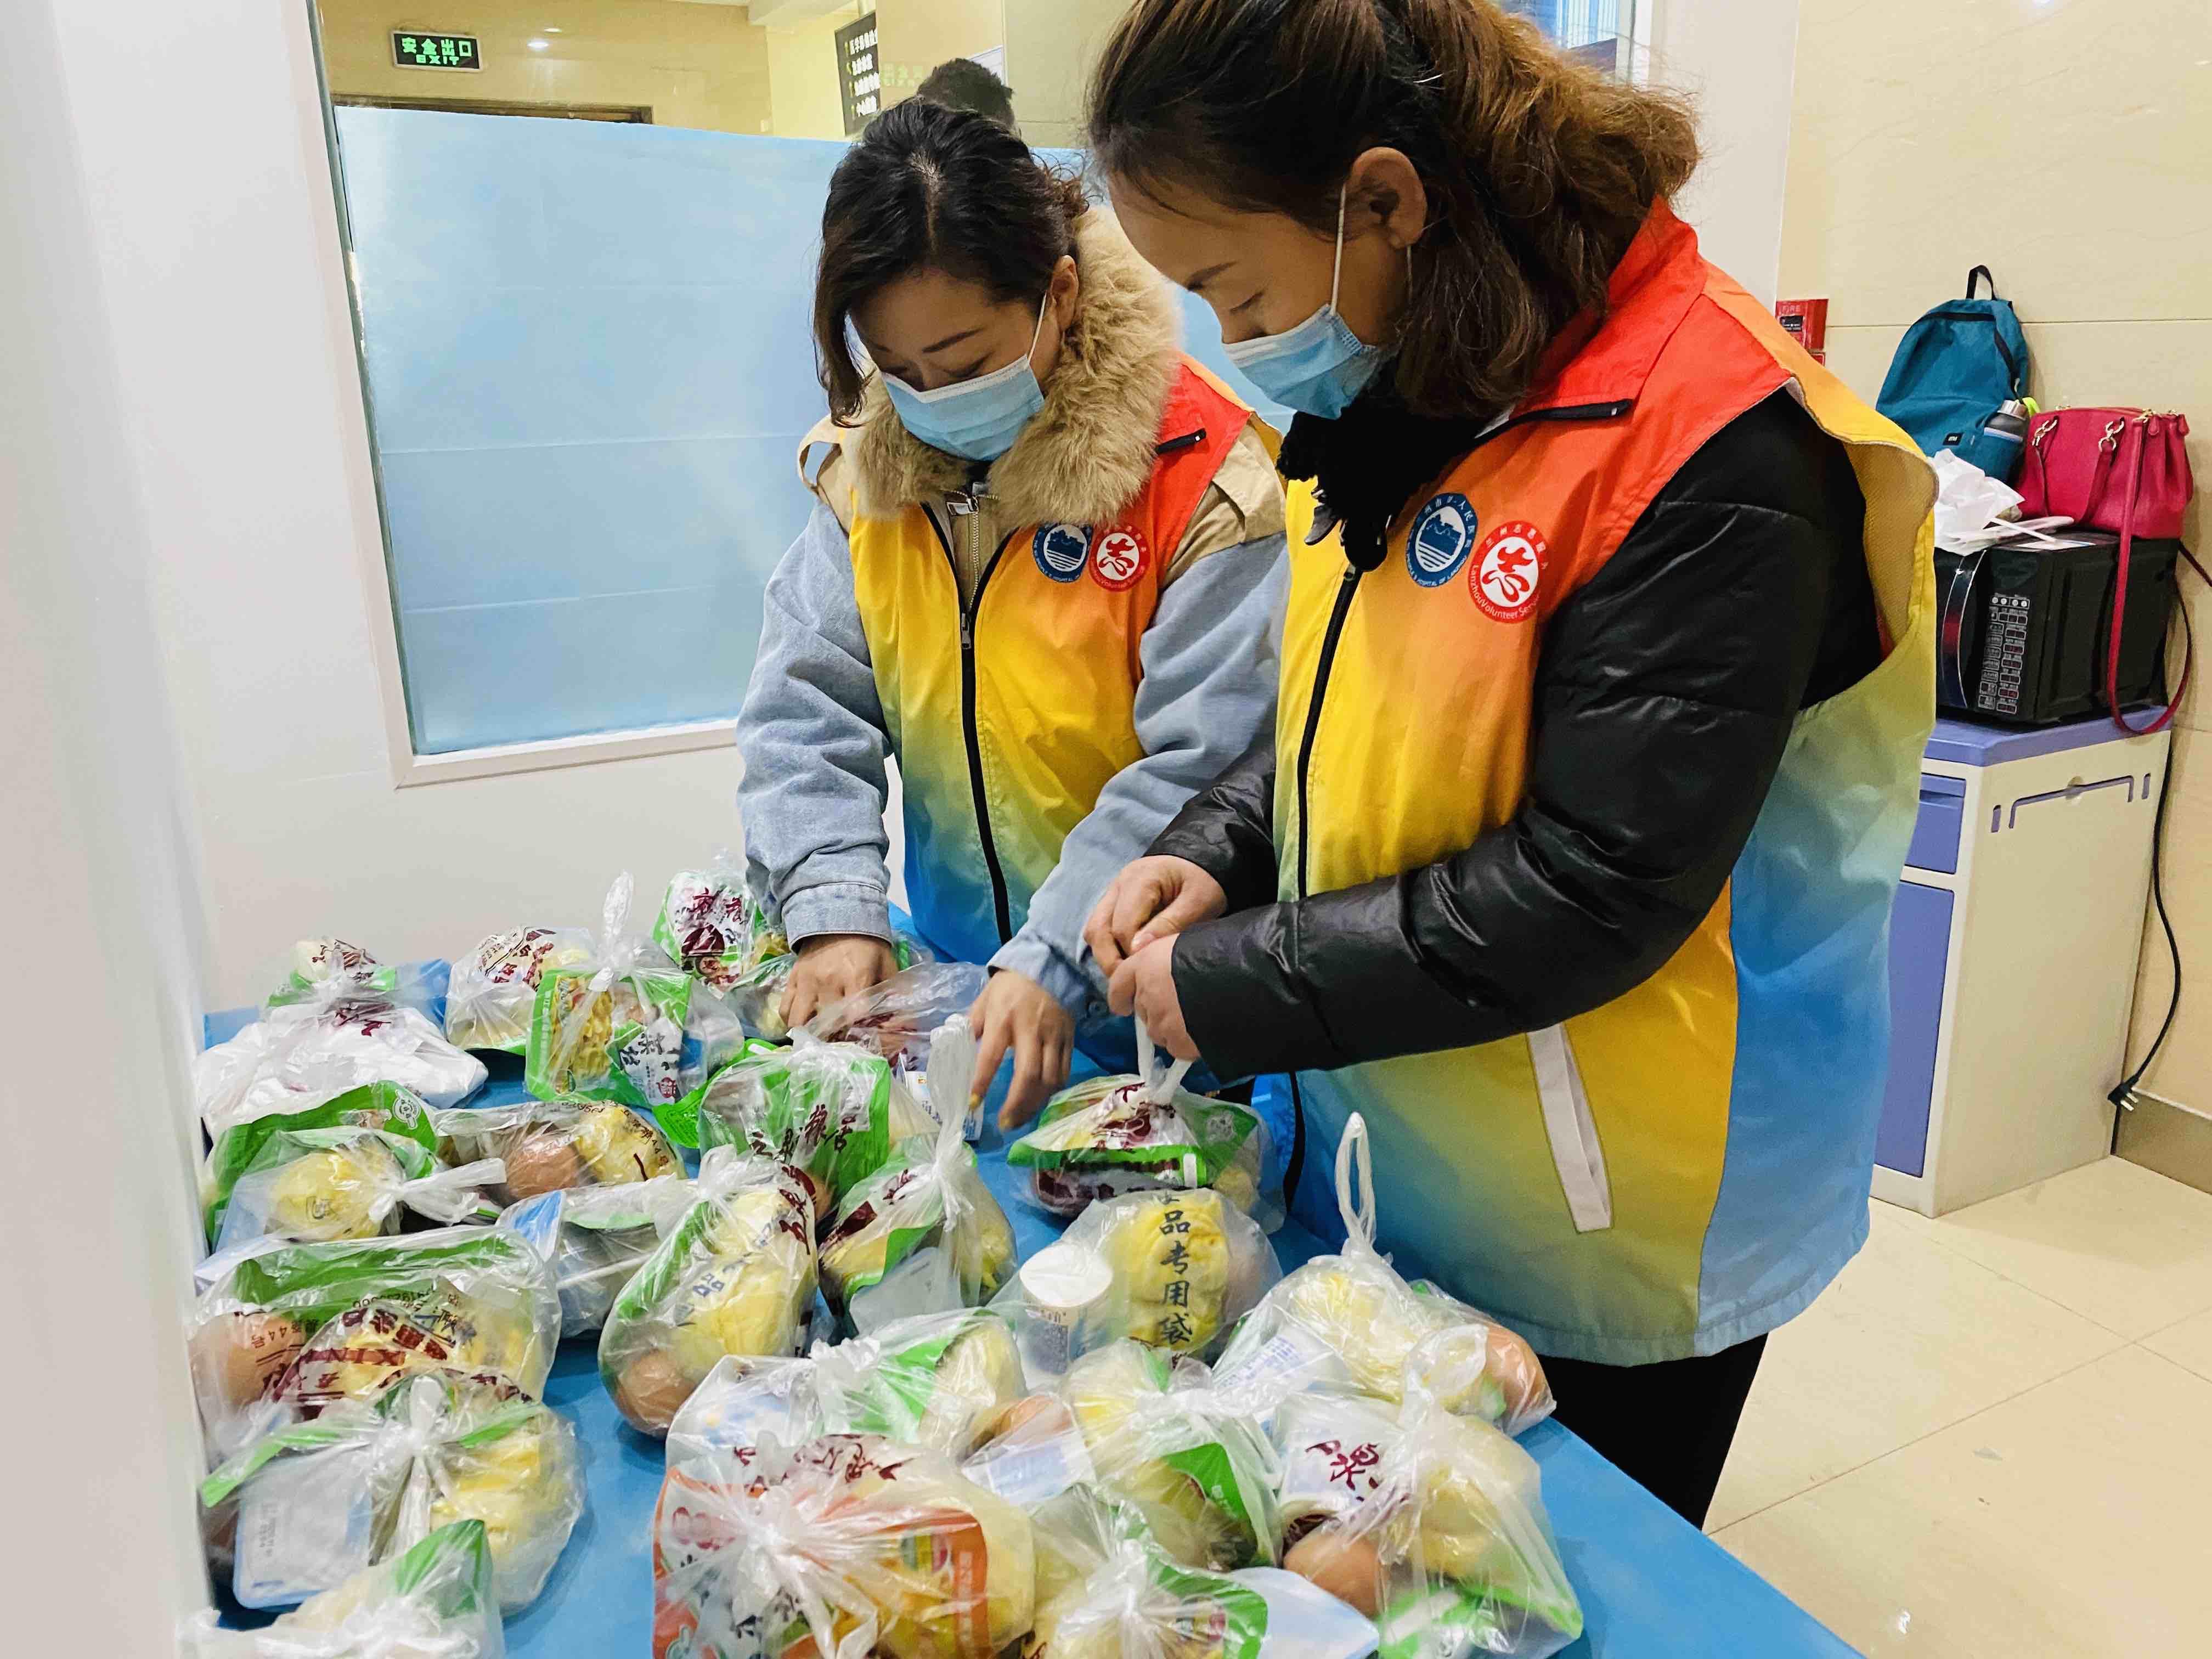 志愿者王艺蓉(左)分装早餐